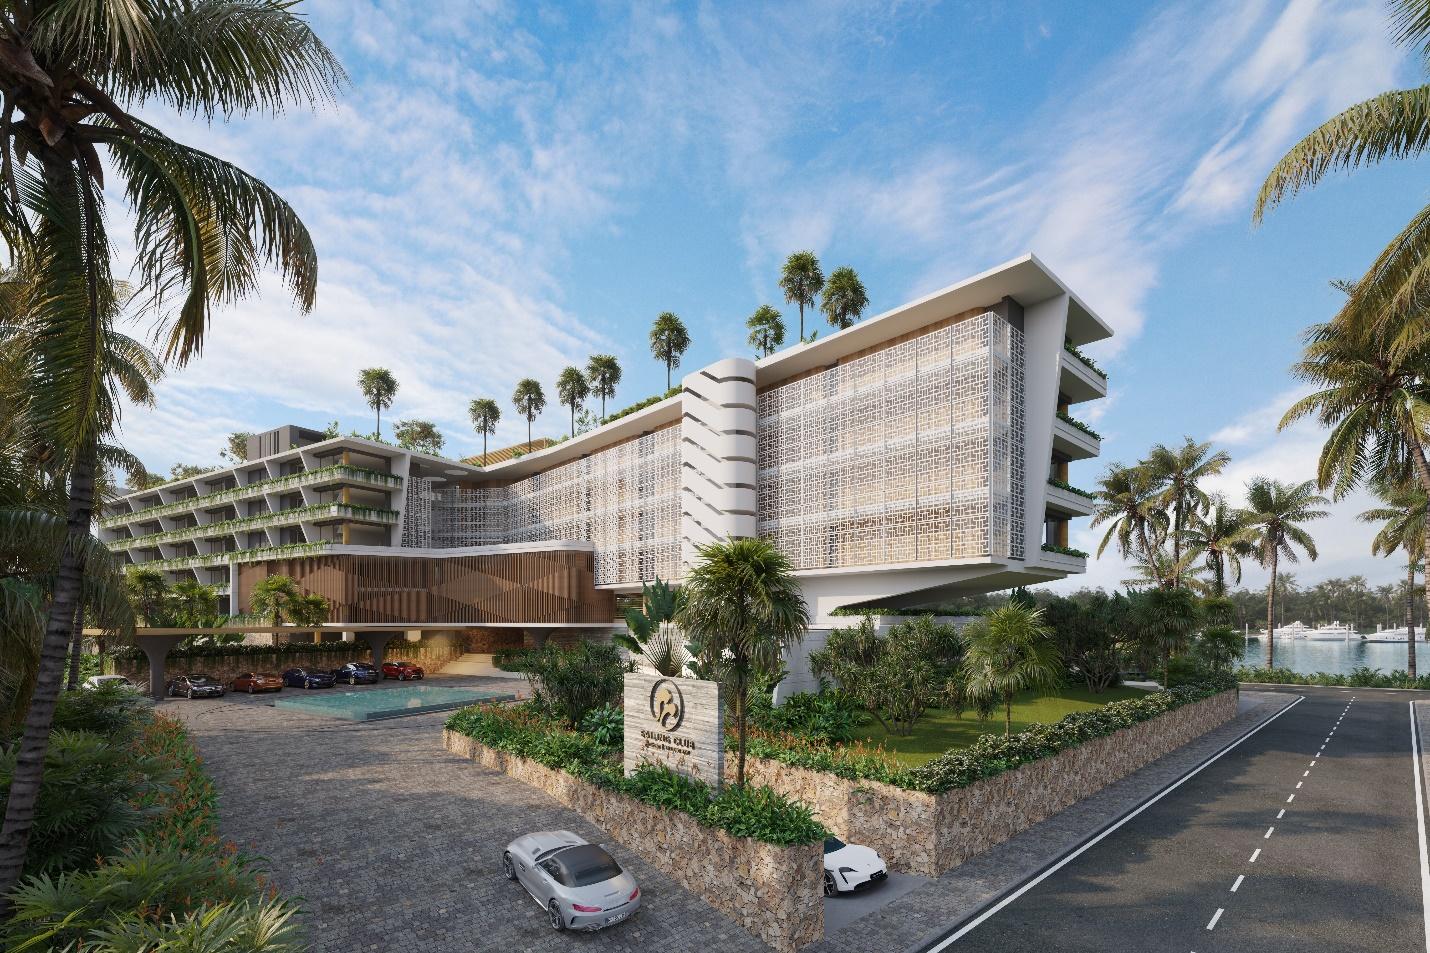 Thêm một dự án bất động sản nghỉ dưỡng hàng hiệu tại miền Bắc - Ảnh 1.